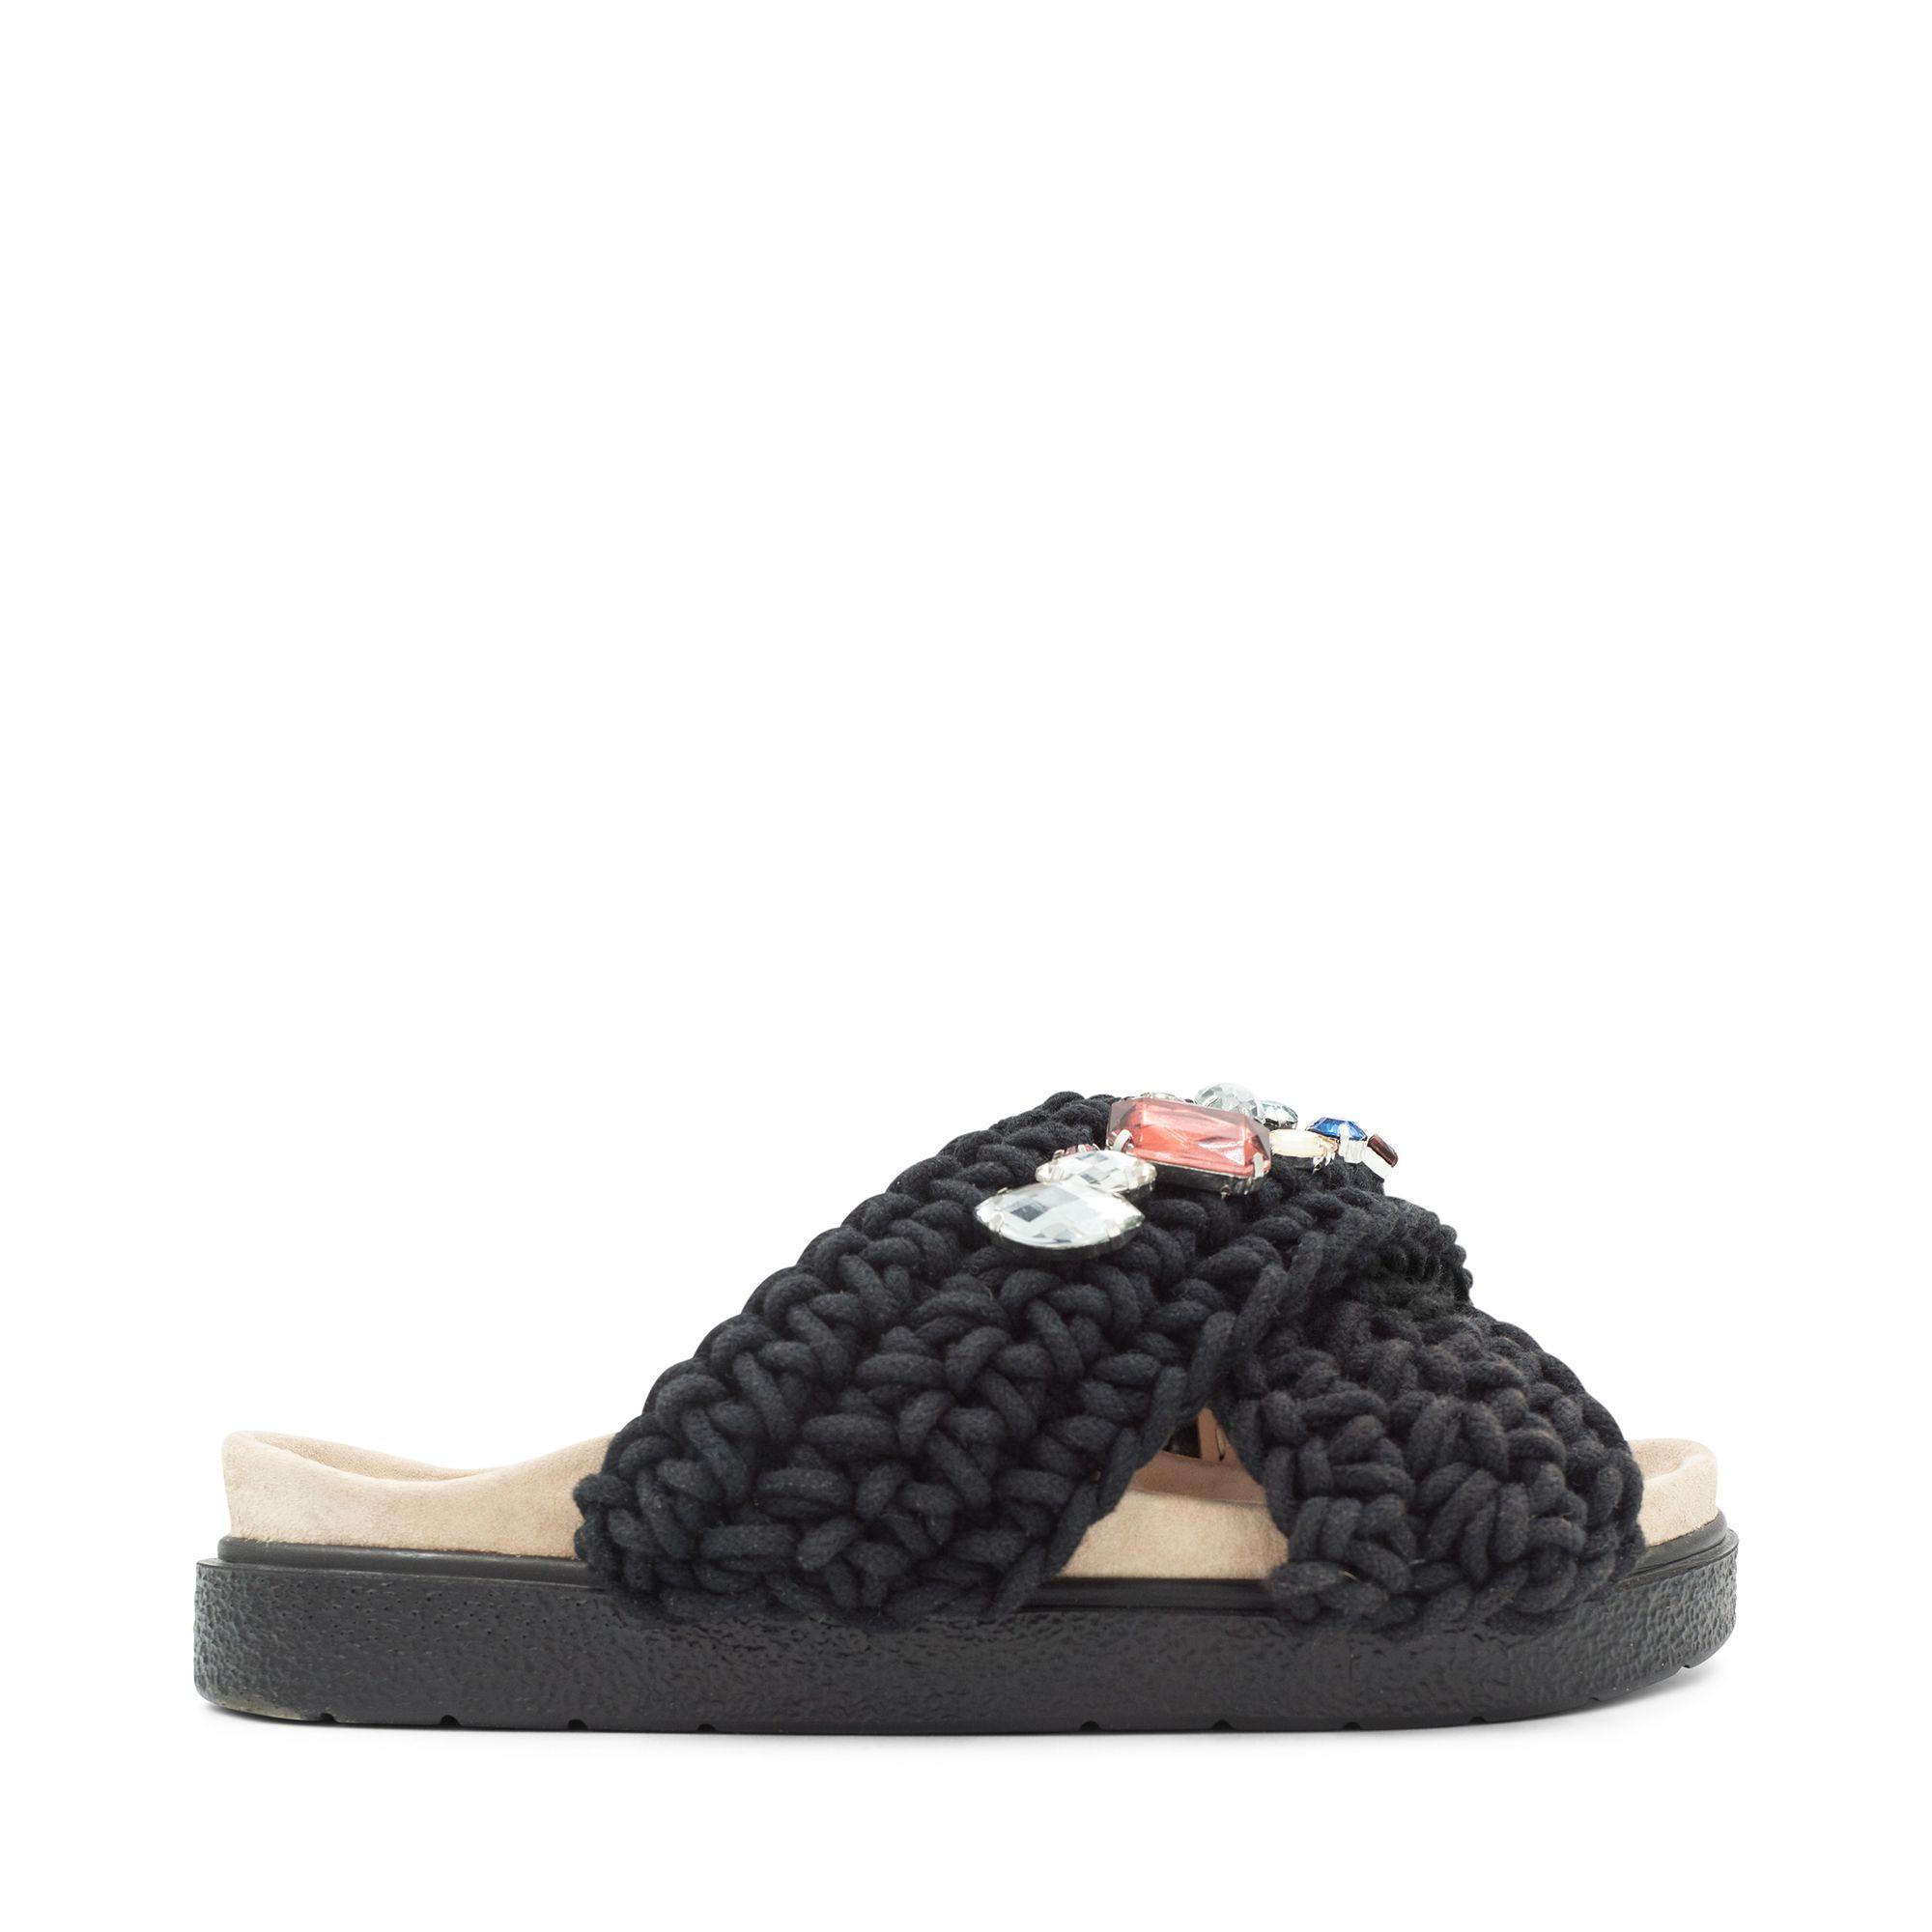 Inuikii Slipper Woven Stones sandaler i textil, Svart, 38